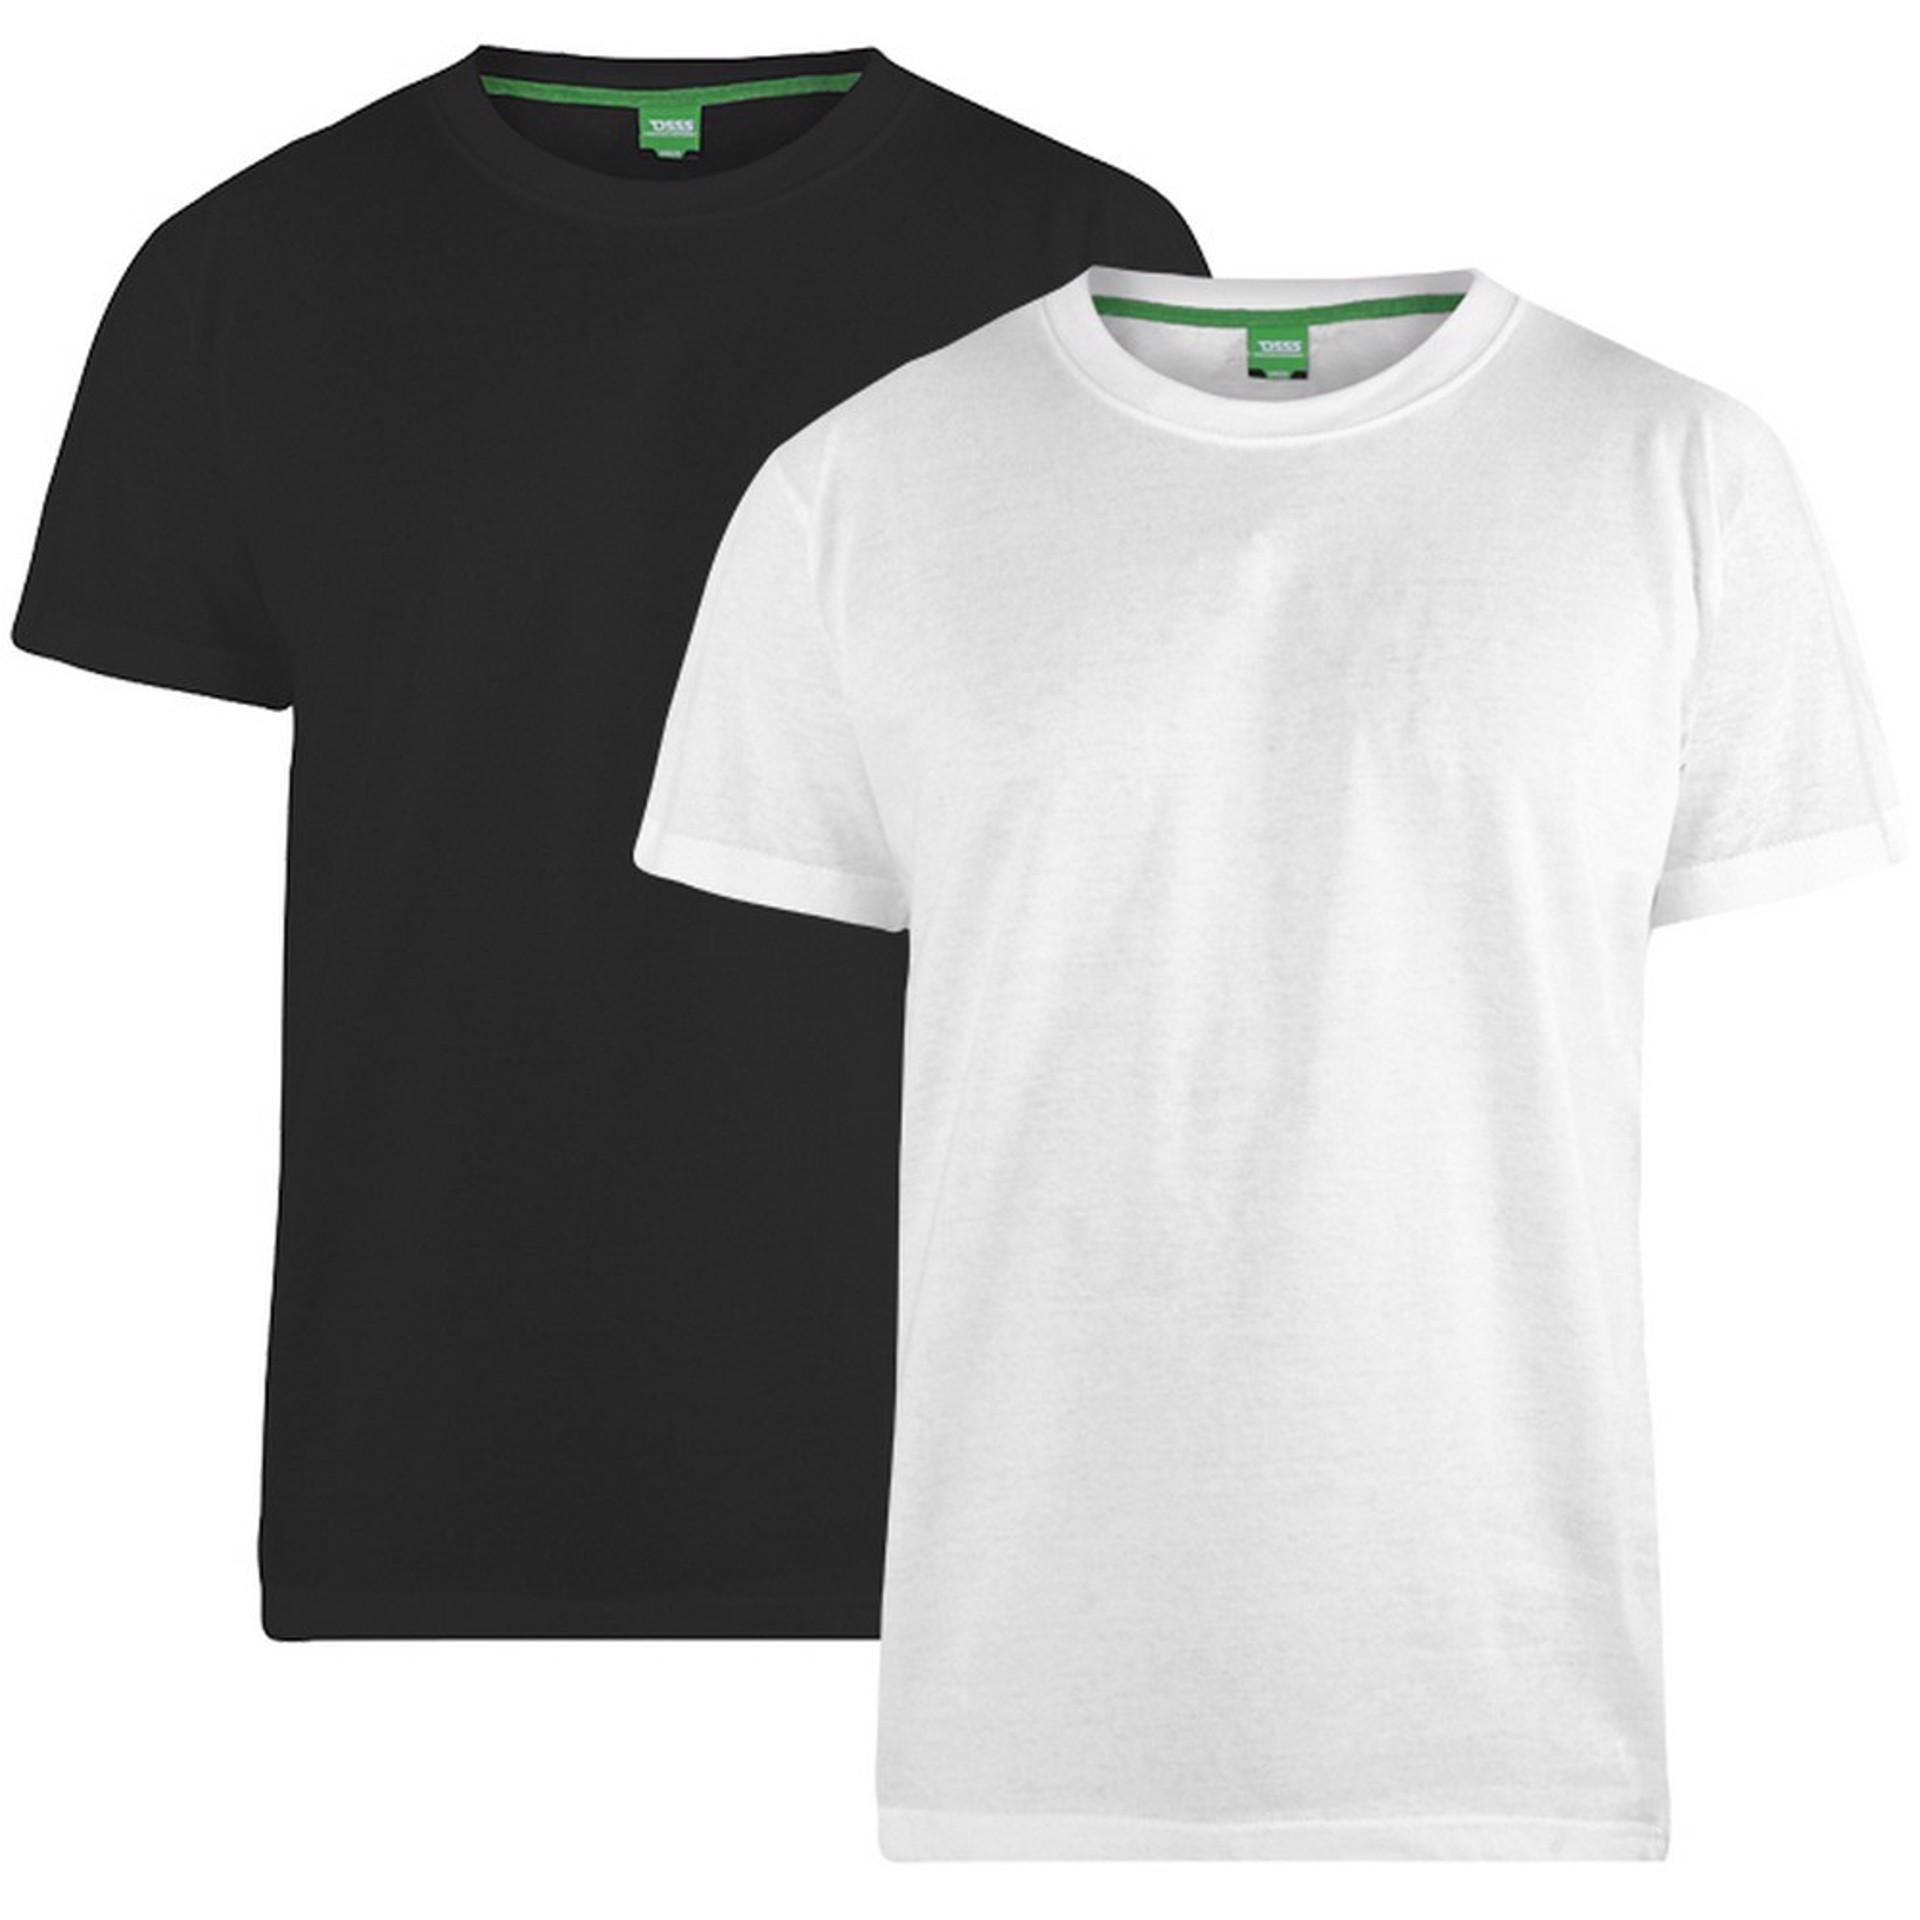 """2-pack T-shirts """"Fenton"""" van merk D555 in de kleuren zwart en wit, gemaakt van 100% katoen."""